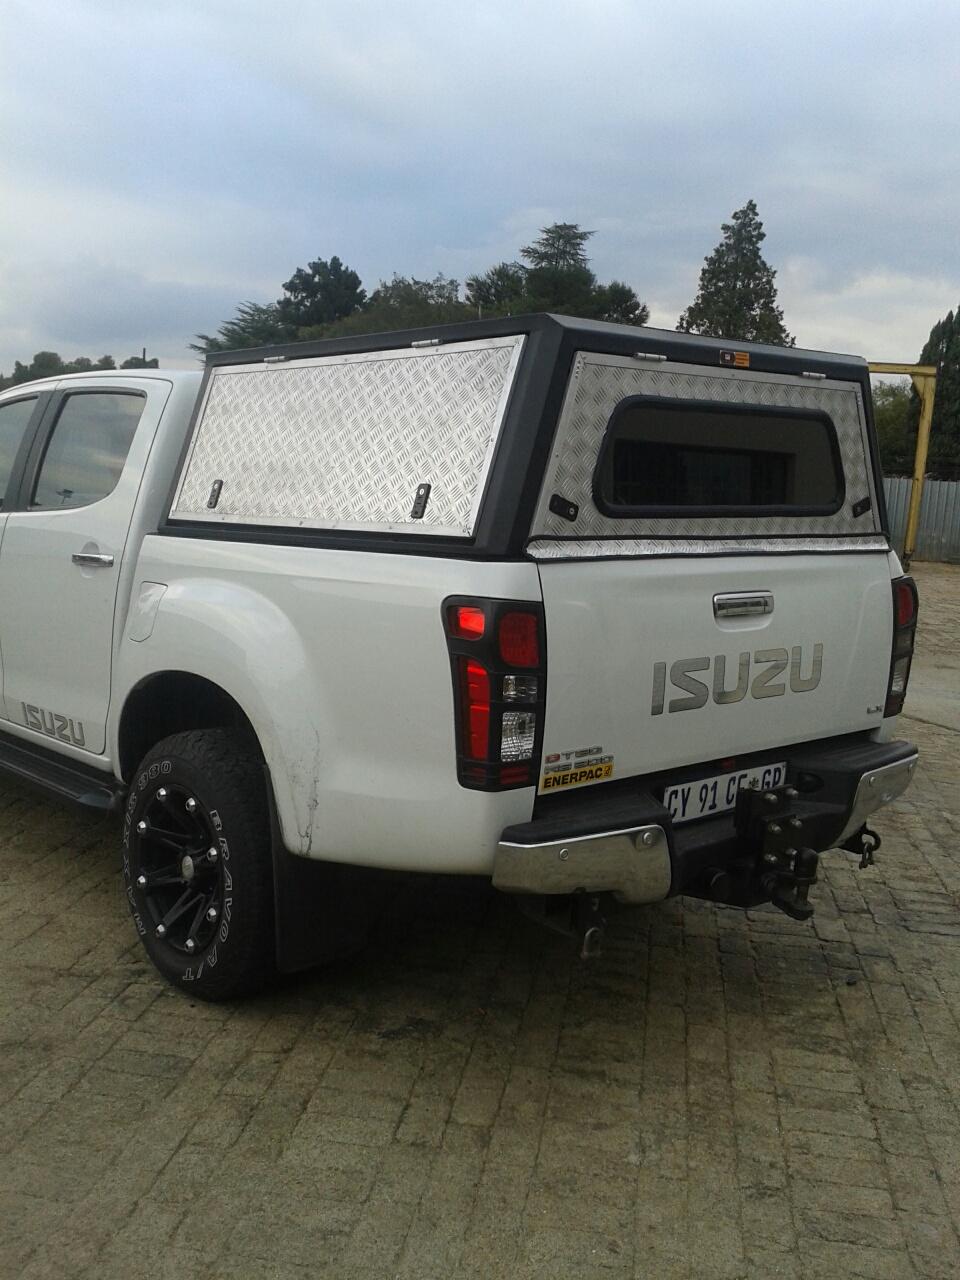 Isuzu Double Cab Aluminium Canopy & Isuzu Double Cab Aluminium Canopy |